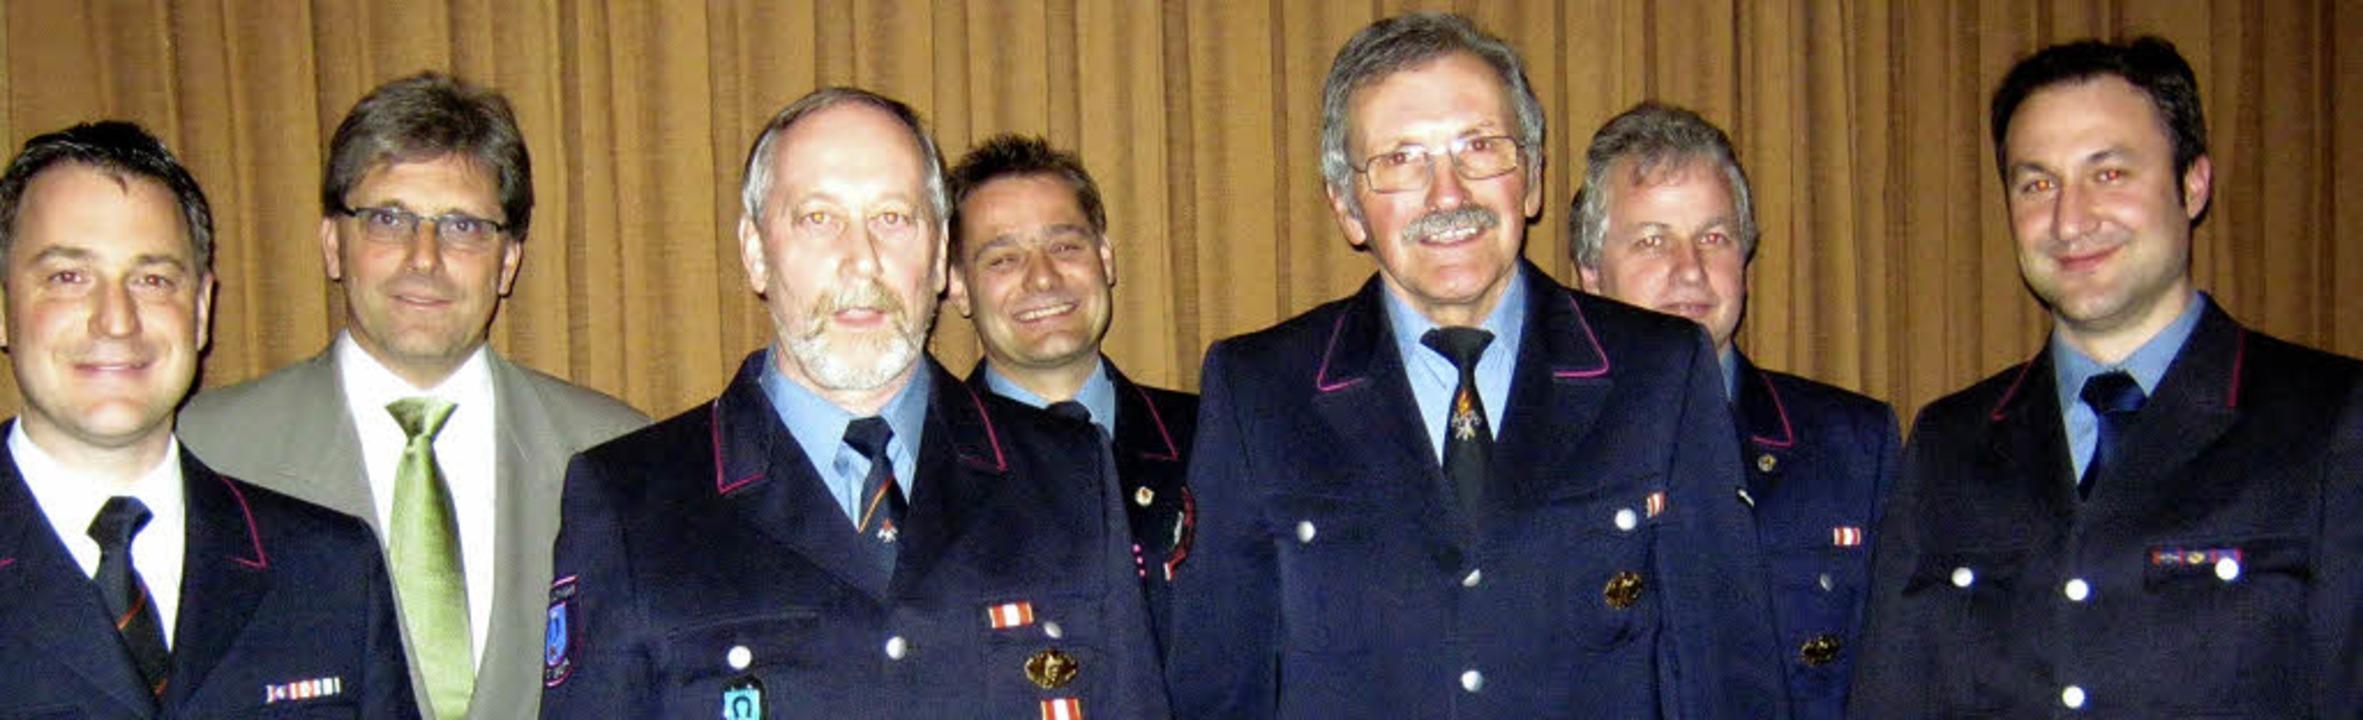 Geehrt für 50 Jahre Dienst bei der Sch...nten und Bürgermeister Jörg Czybulka.   | Foto: Freyer